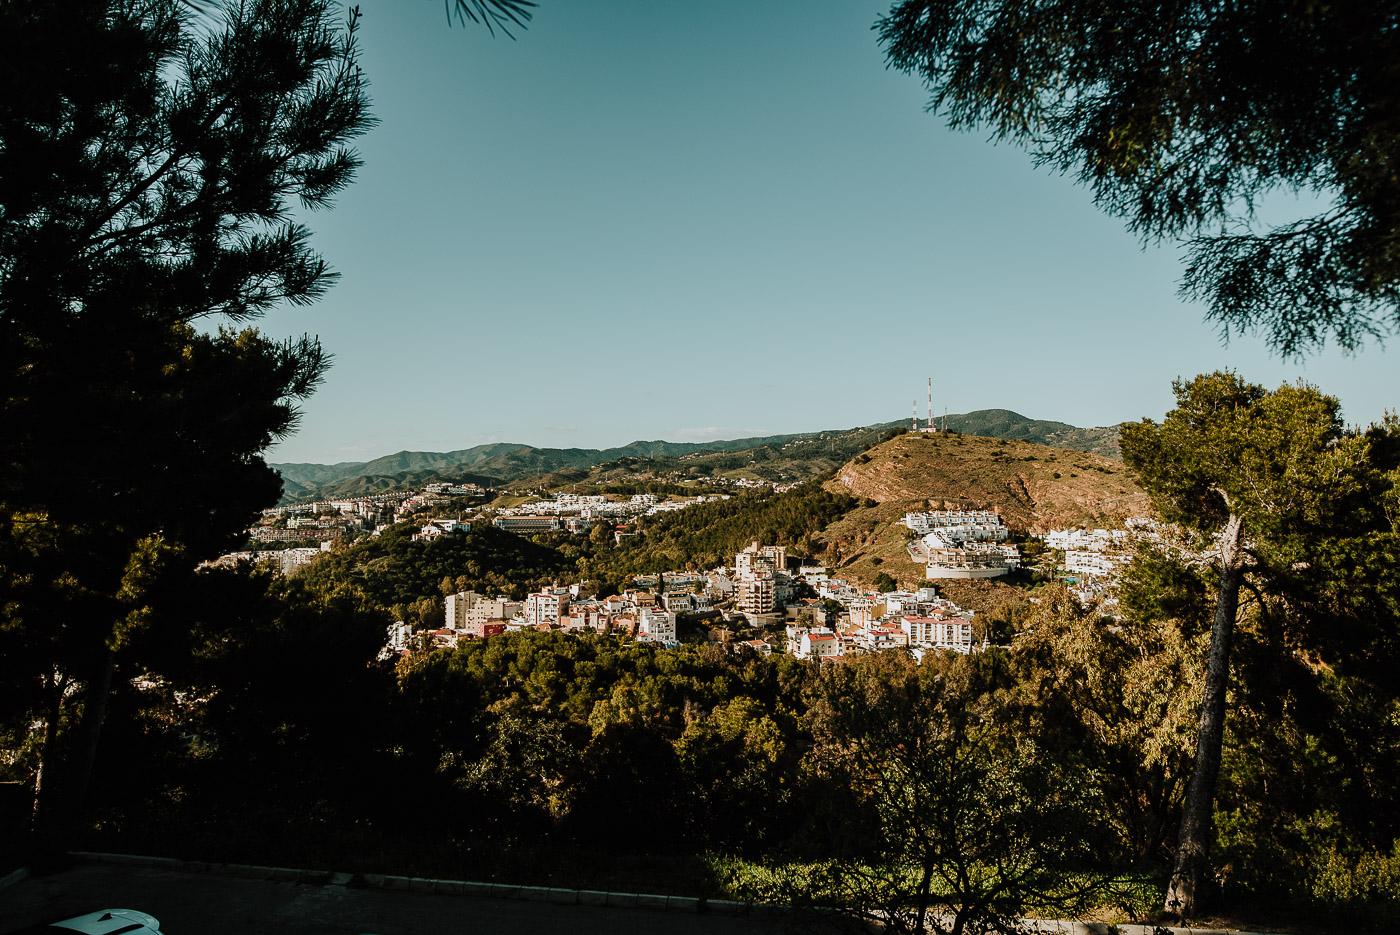 preboda-castillo-gibralfaro-malaga-manuel-fijo